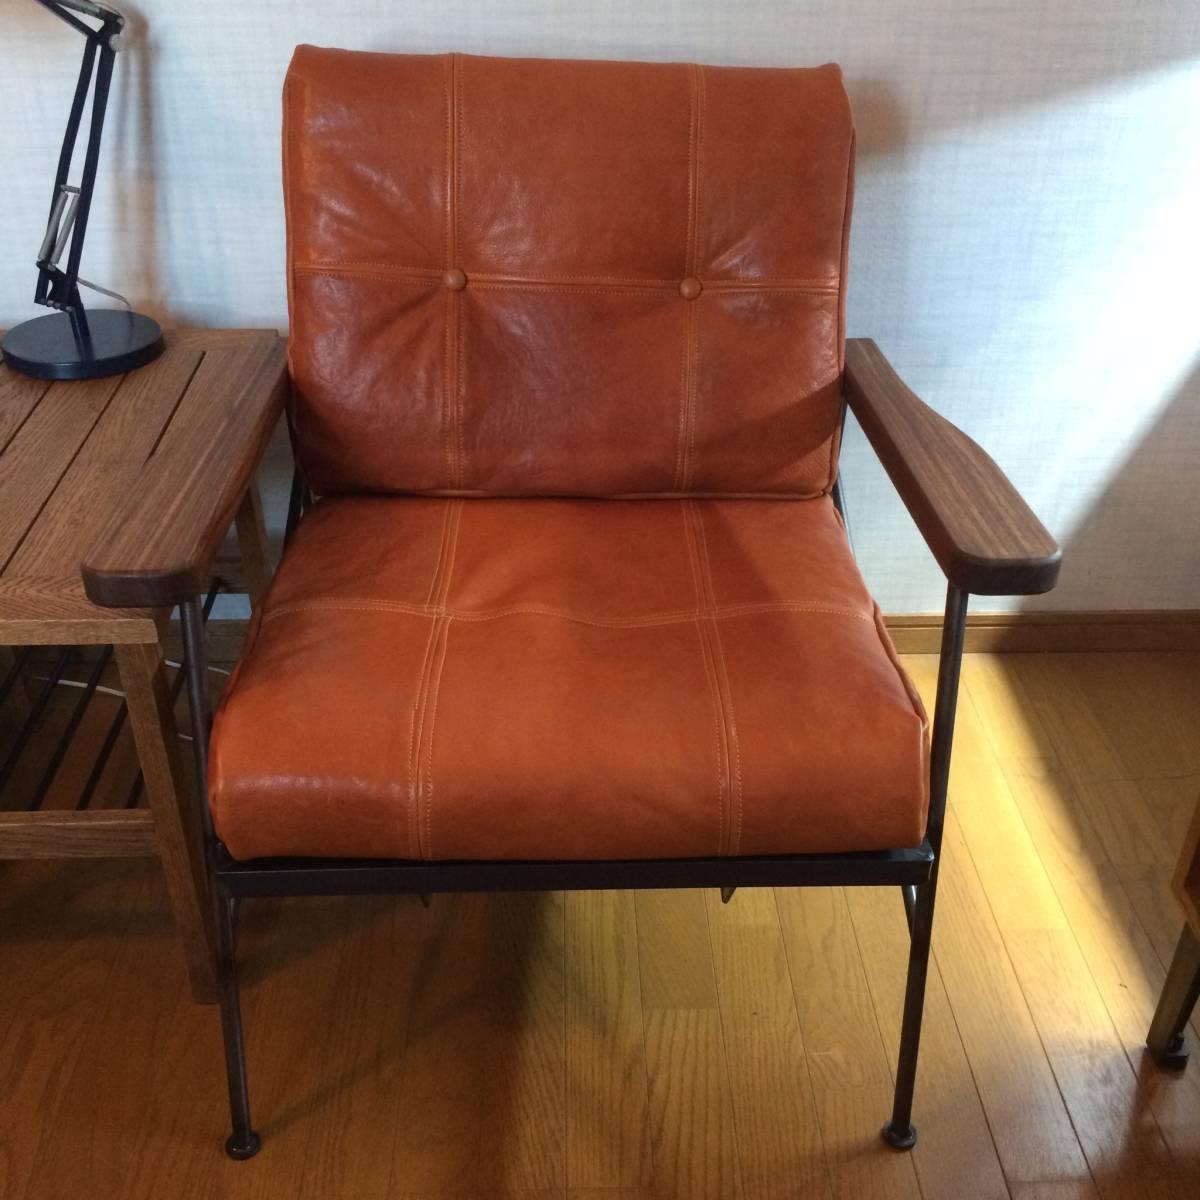 革ソファ truck furniture トラックファニチャー unico アクタス等のインダストリアル家具好きにおすすめ